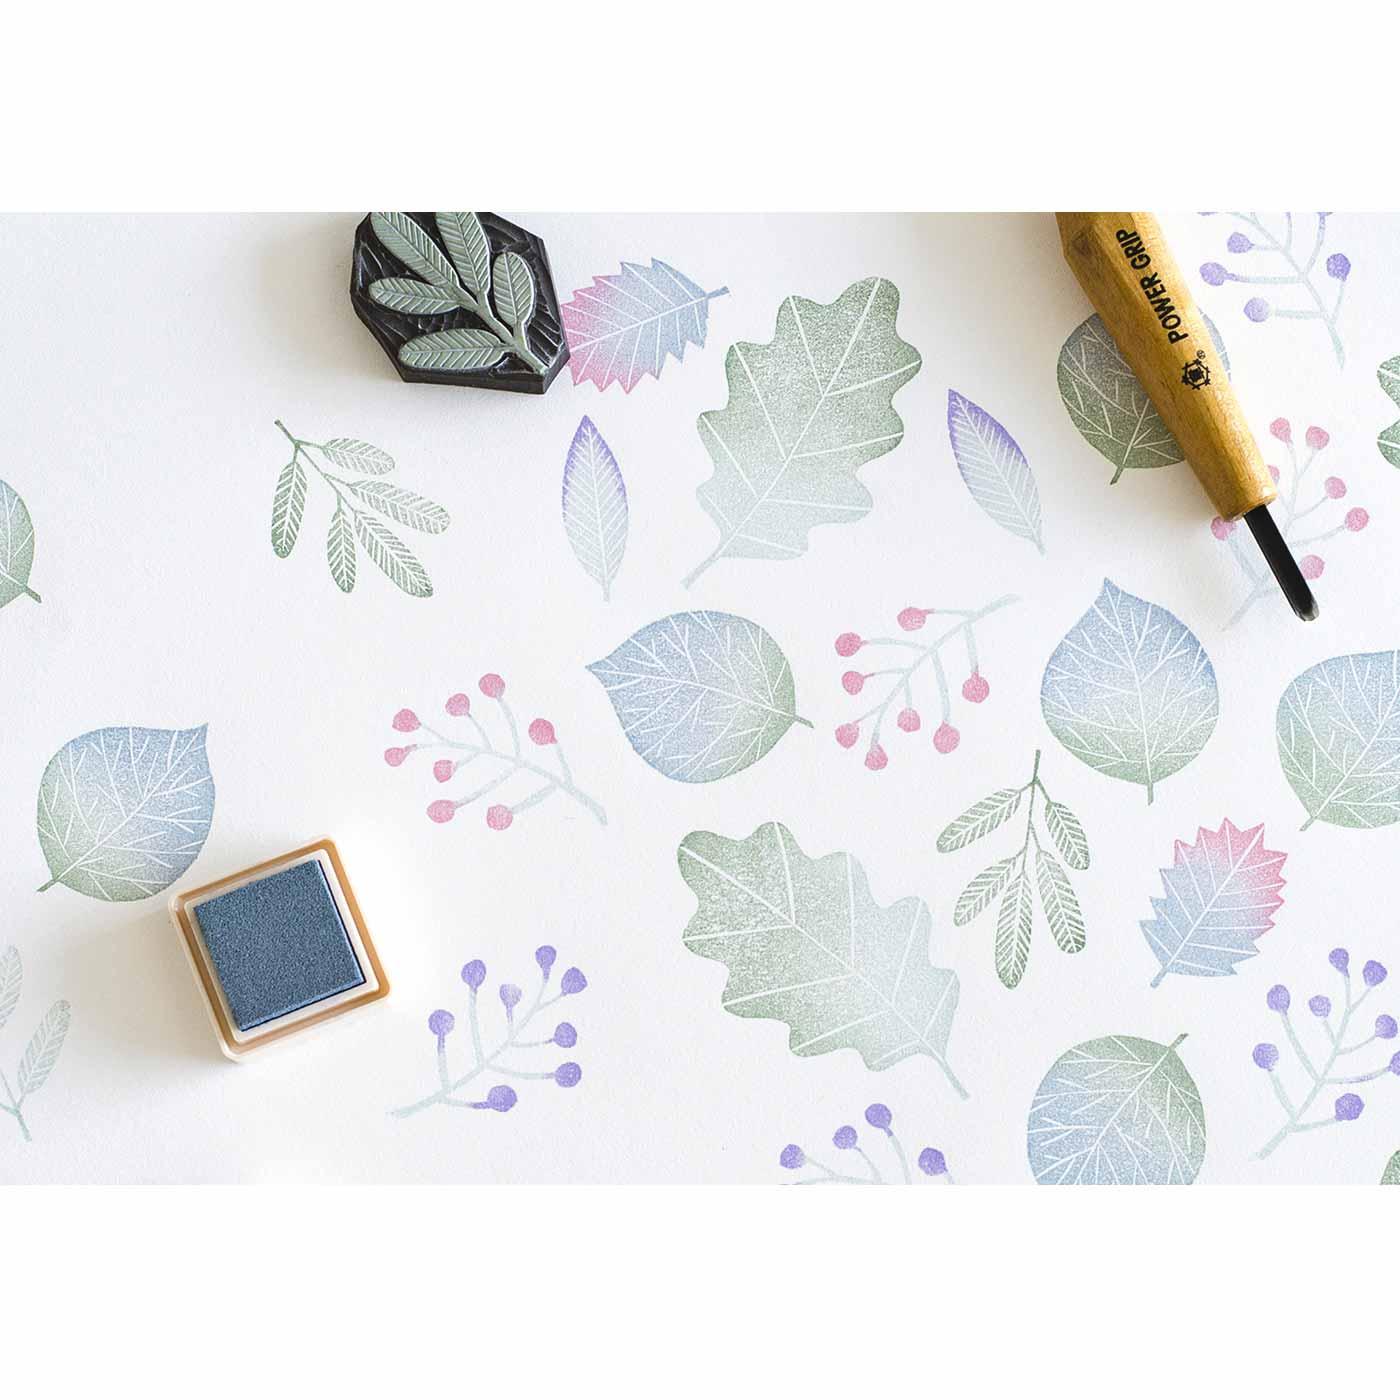 SeeMONO[シーモノ]|消しゴムはんこ作家さんに教わる 彫って押して楽しい 消しゴムはんこレッスンの会|インクを組み合わせれば、あなただけの色彩に。※1回のお届けで付属するインクパッドは一色です。